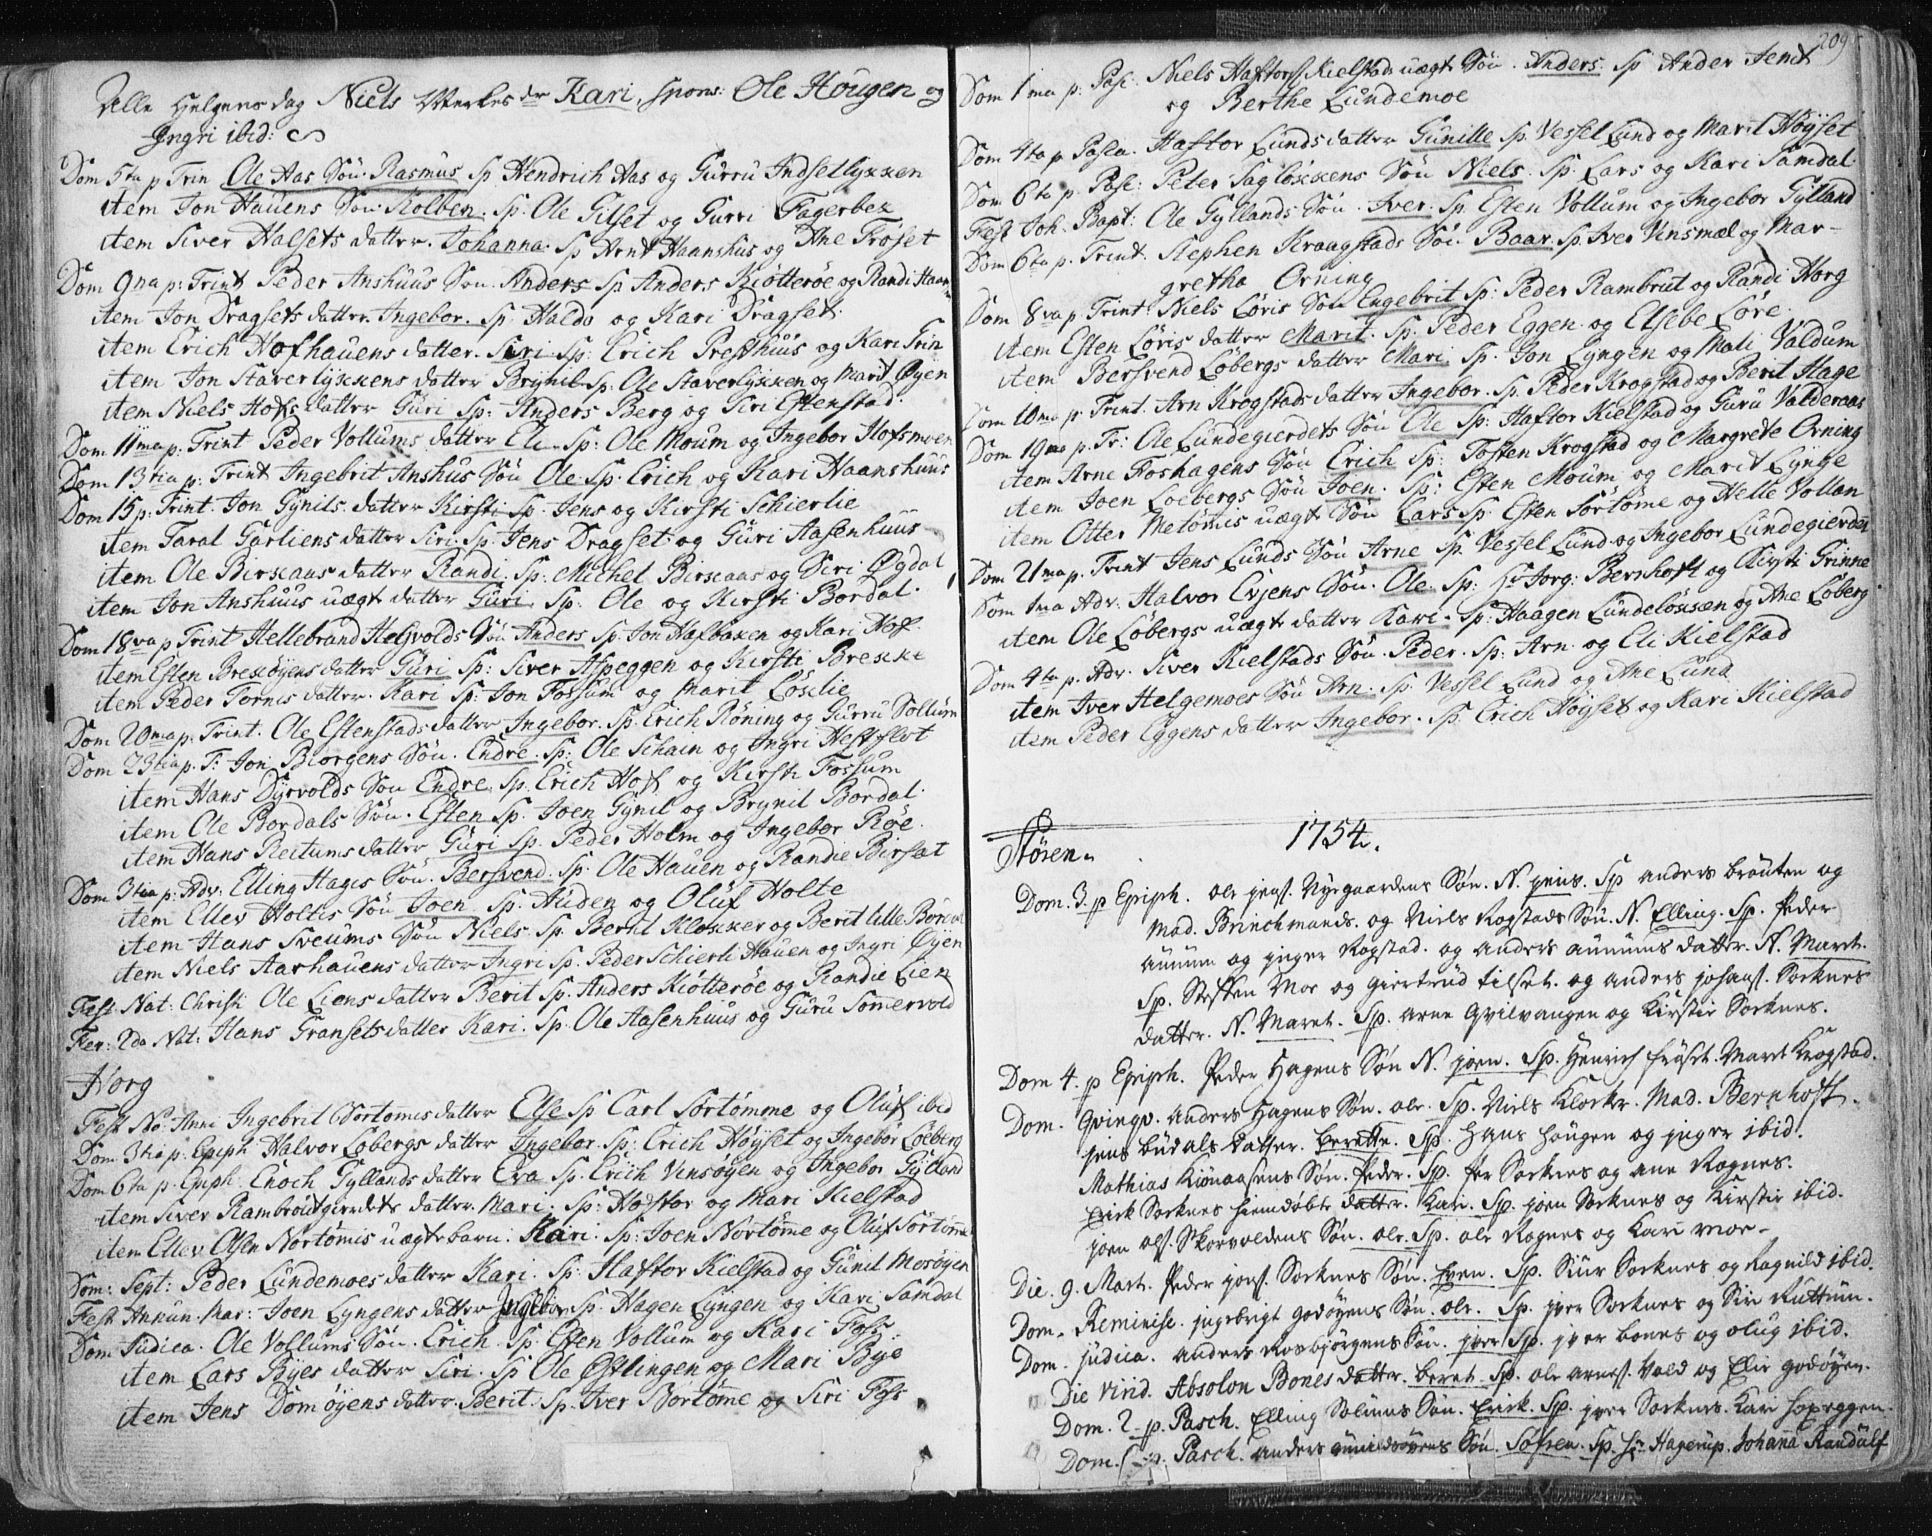 SAT, Ministerialprotokoller, klokkerbøker og fødselsregistre - Sør-Trøndelag, 687/L0991: Ministerialbok nr. 687A02, 1747-1790, s. 209